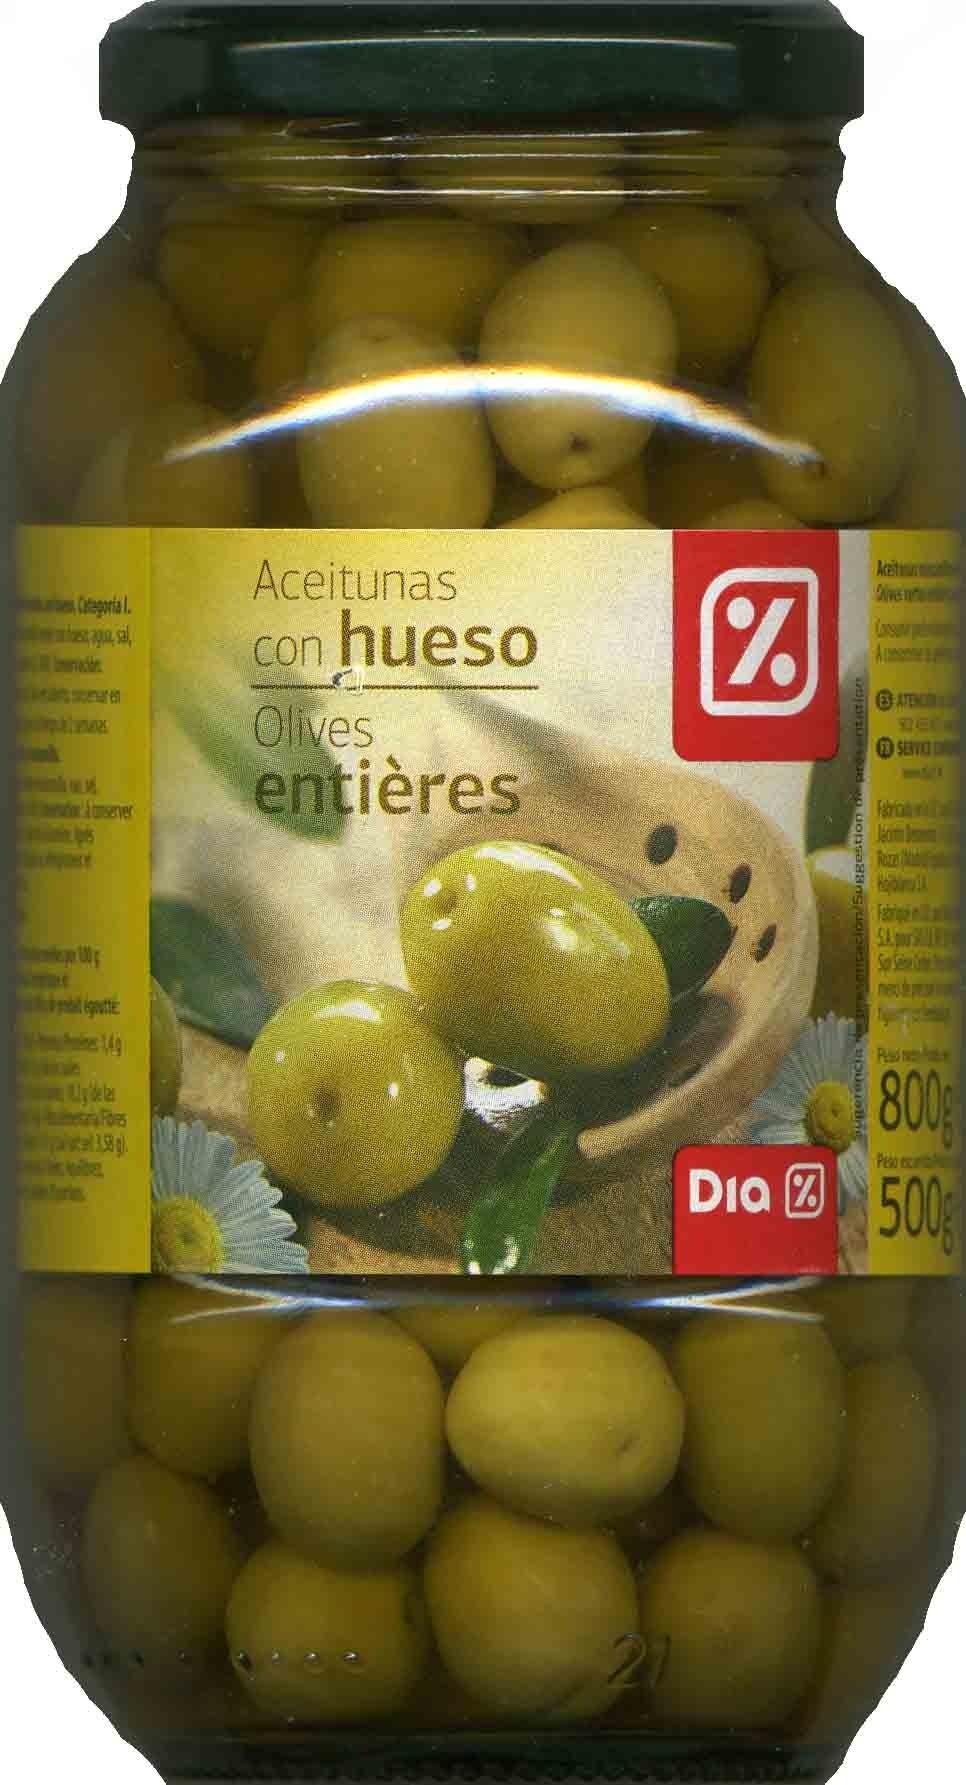 """Aceitunas verdes enteras """"Dia"""" Variedad Manzanilla - Producto - es"""